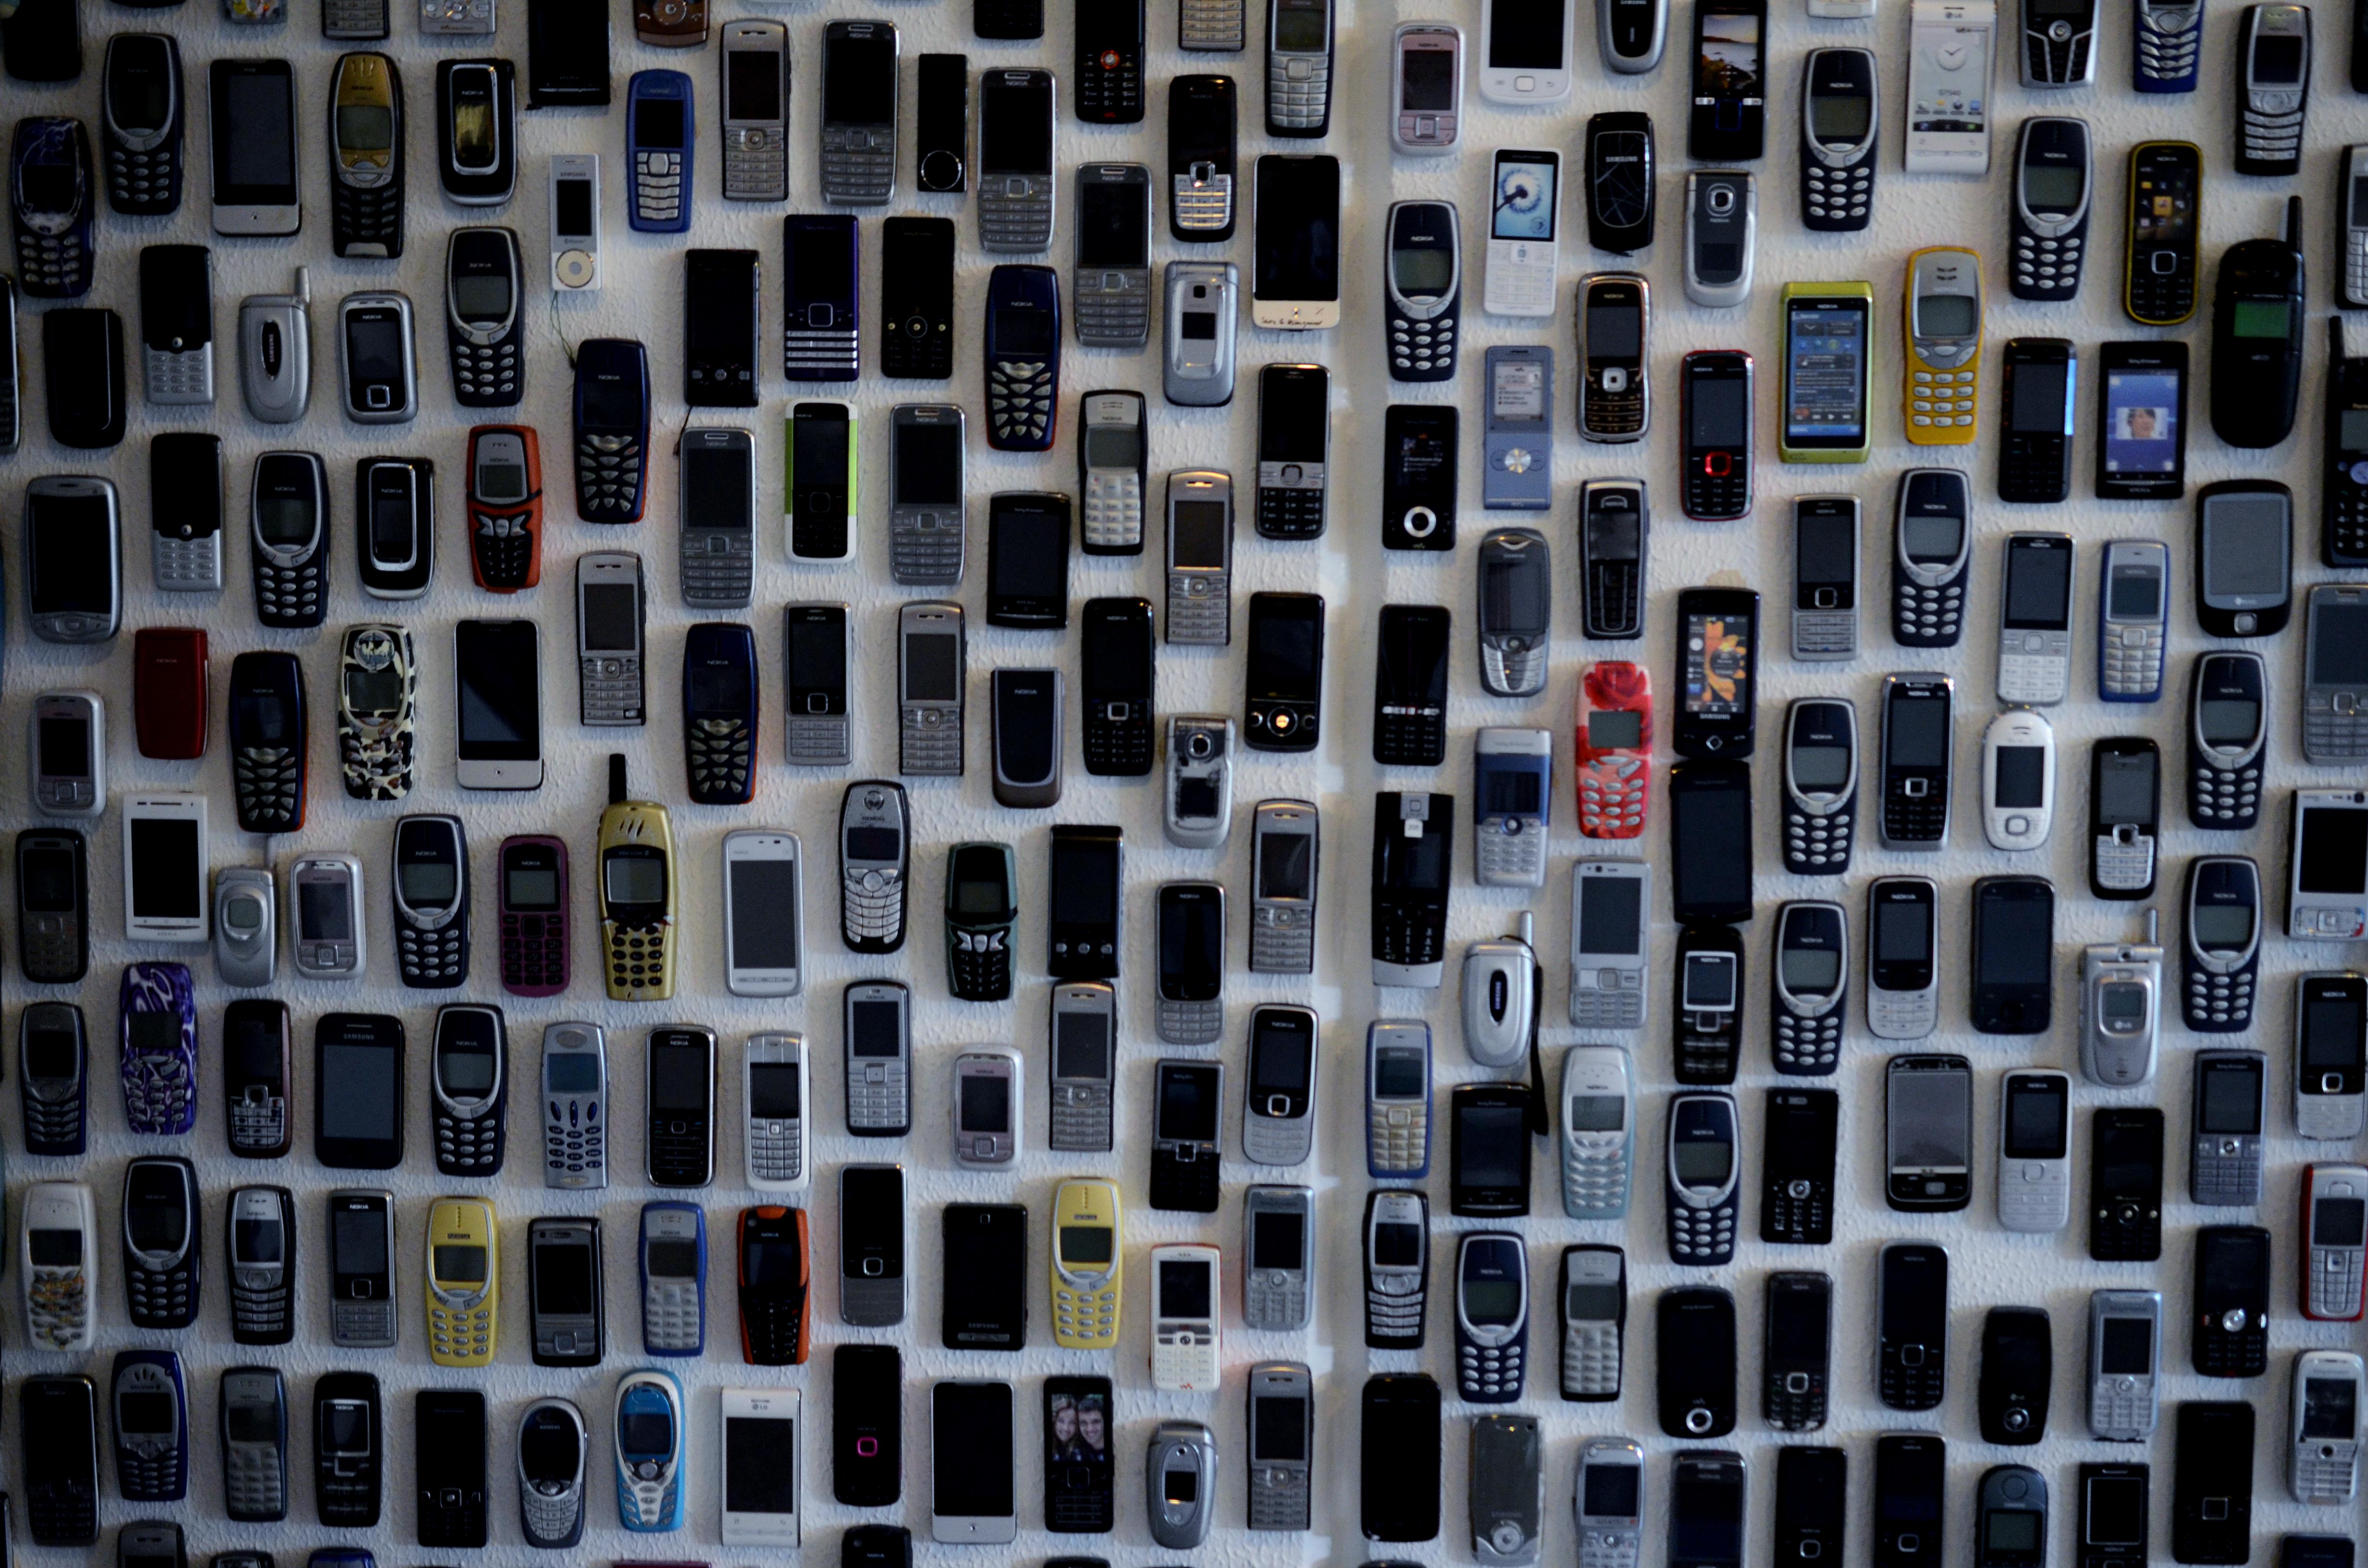 Der er lavet mobiltelefonvægge.